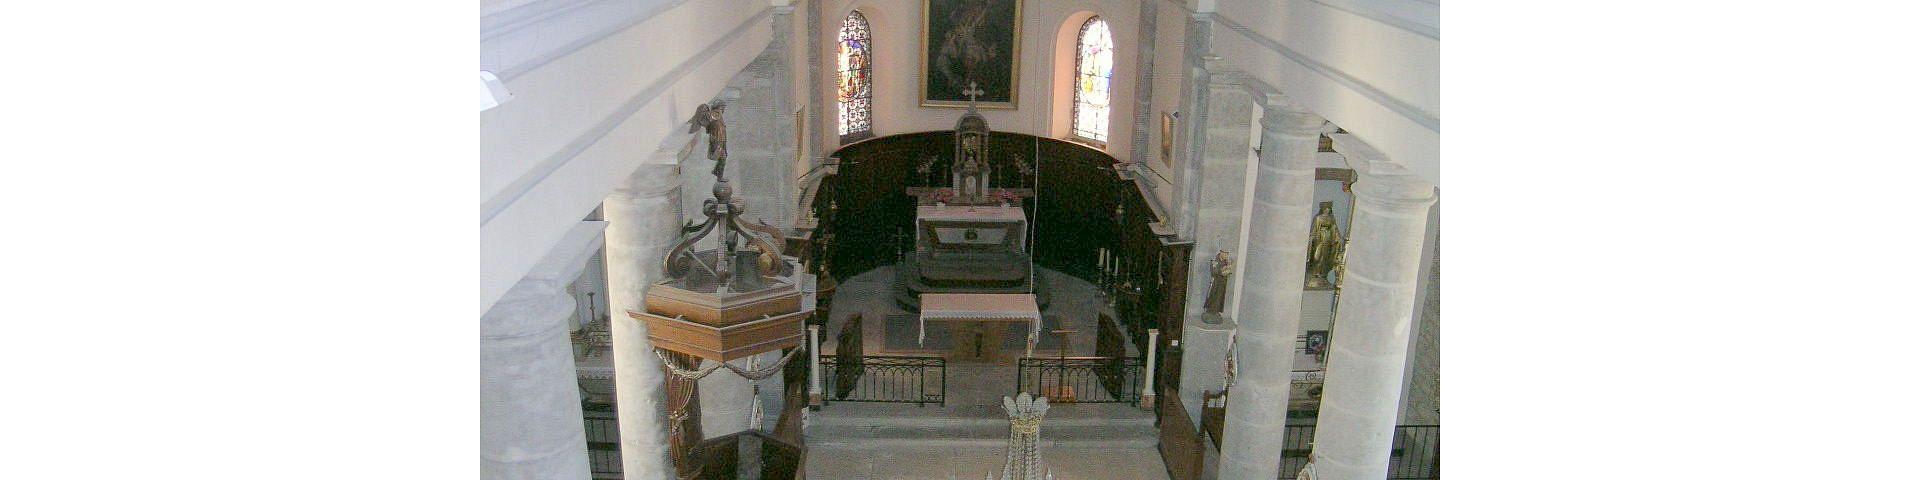 Valfin-Eglise (39)